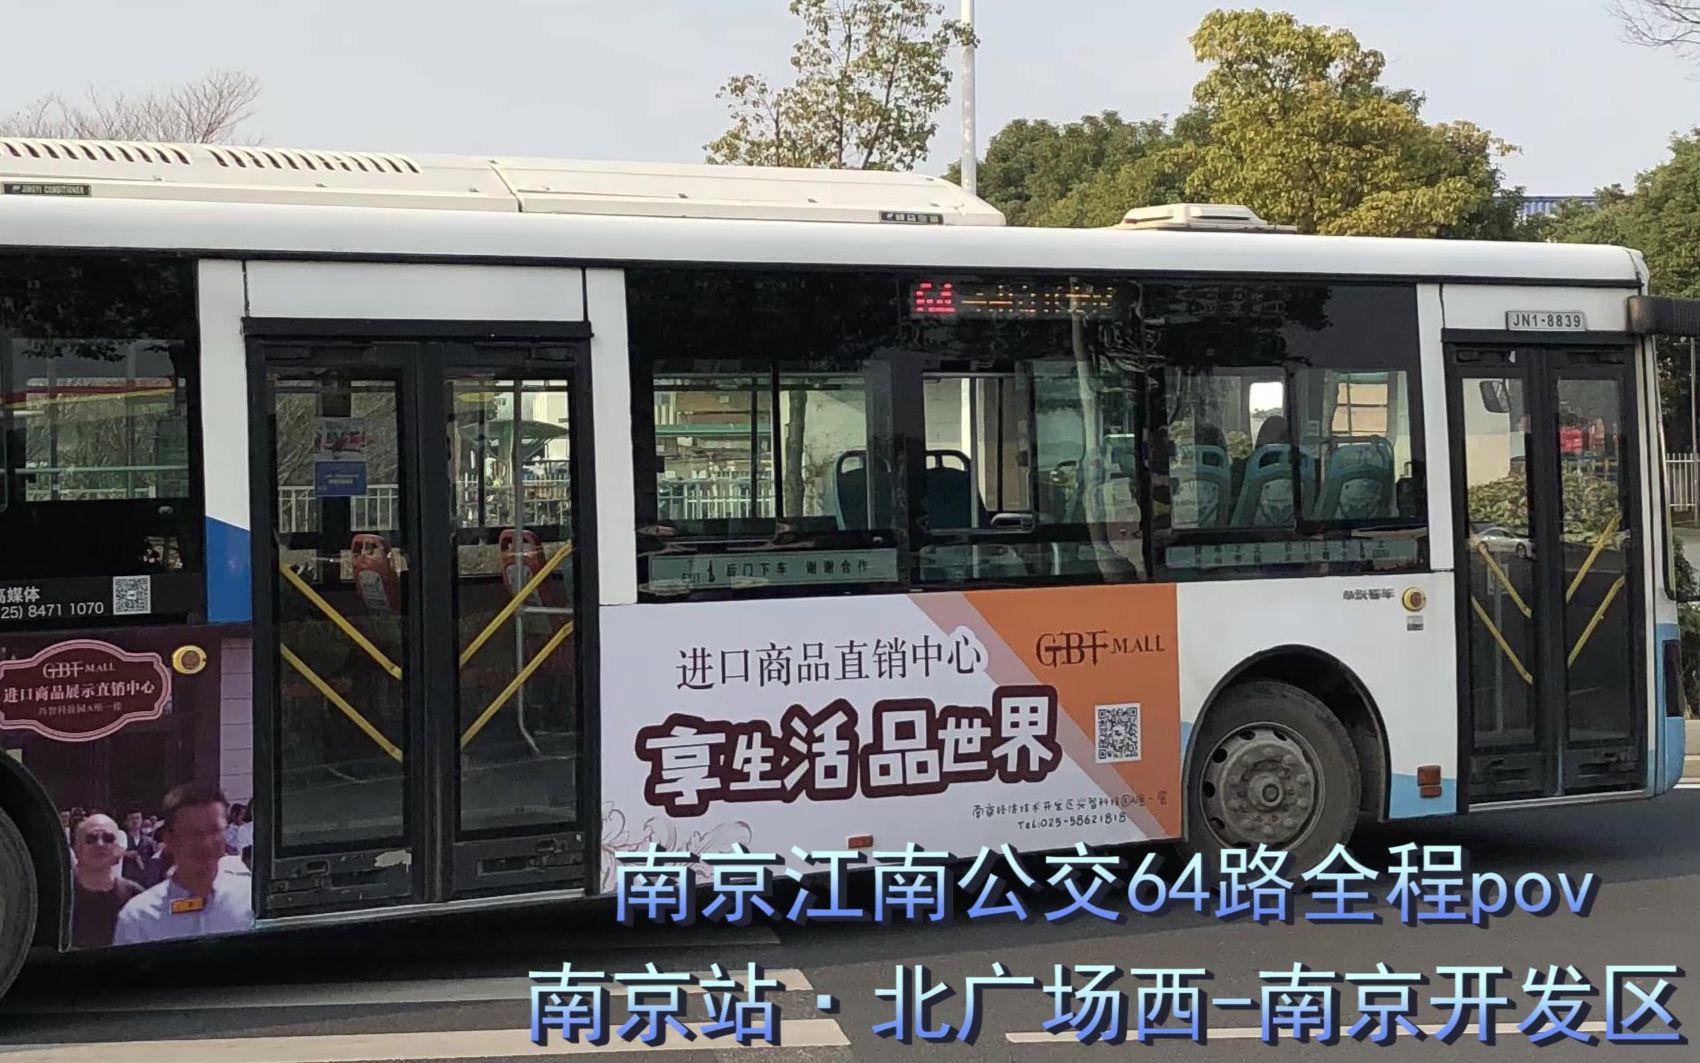 【南京公交】南京江南公交64路(南京站·北广场西-南京开发区)全程pov